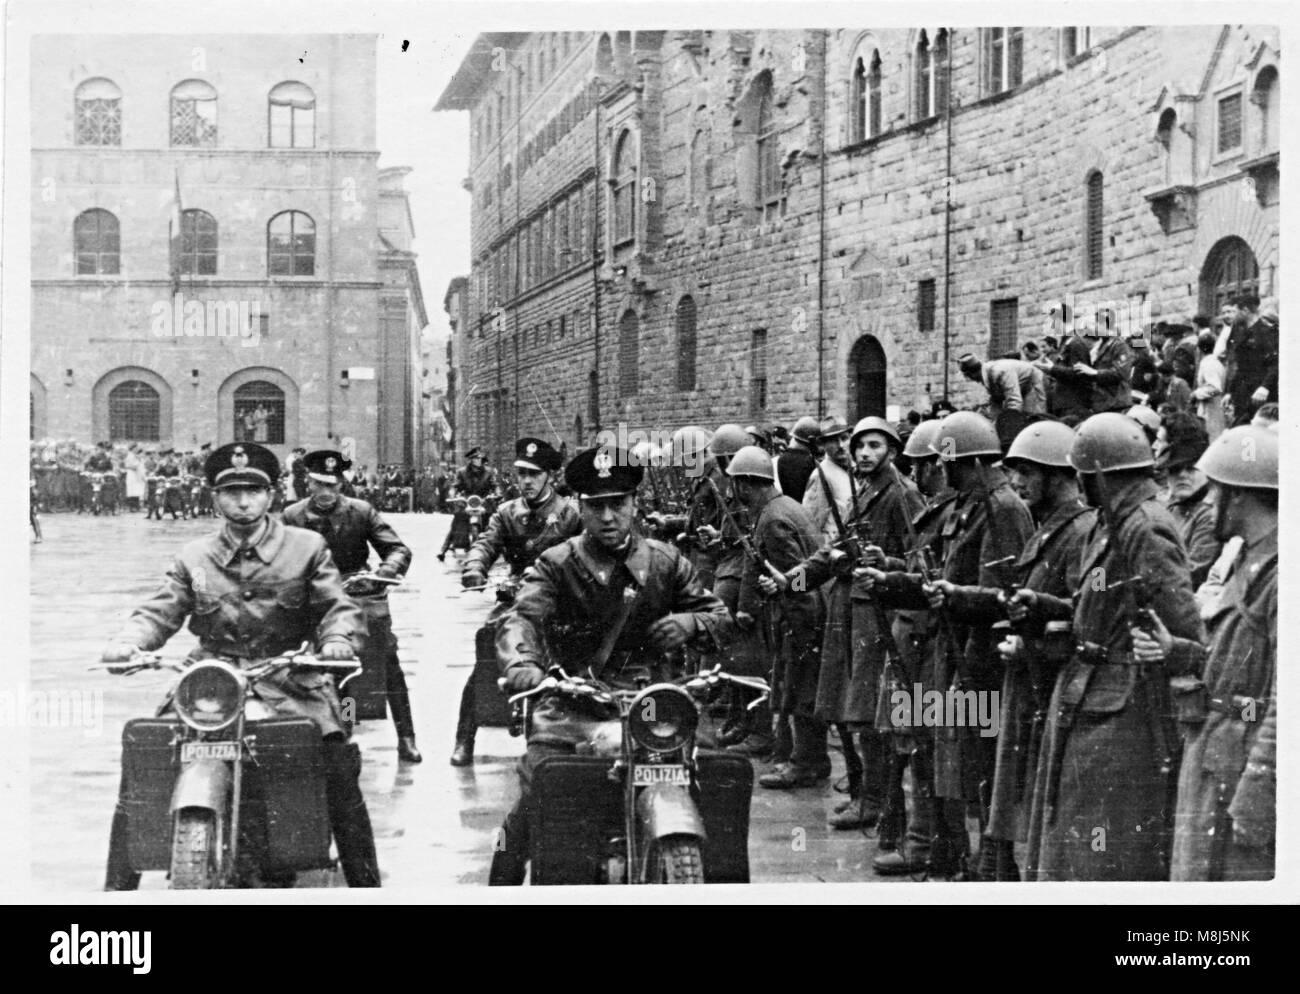 Fascism Italy Mussolini Stock Photos Amp Fascism Italy